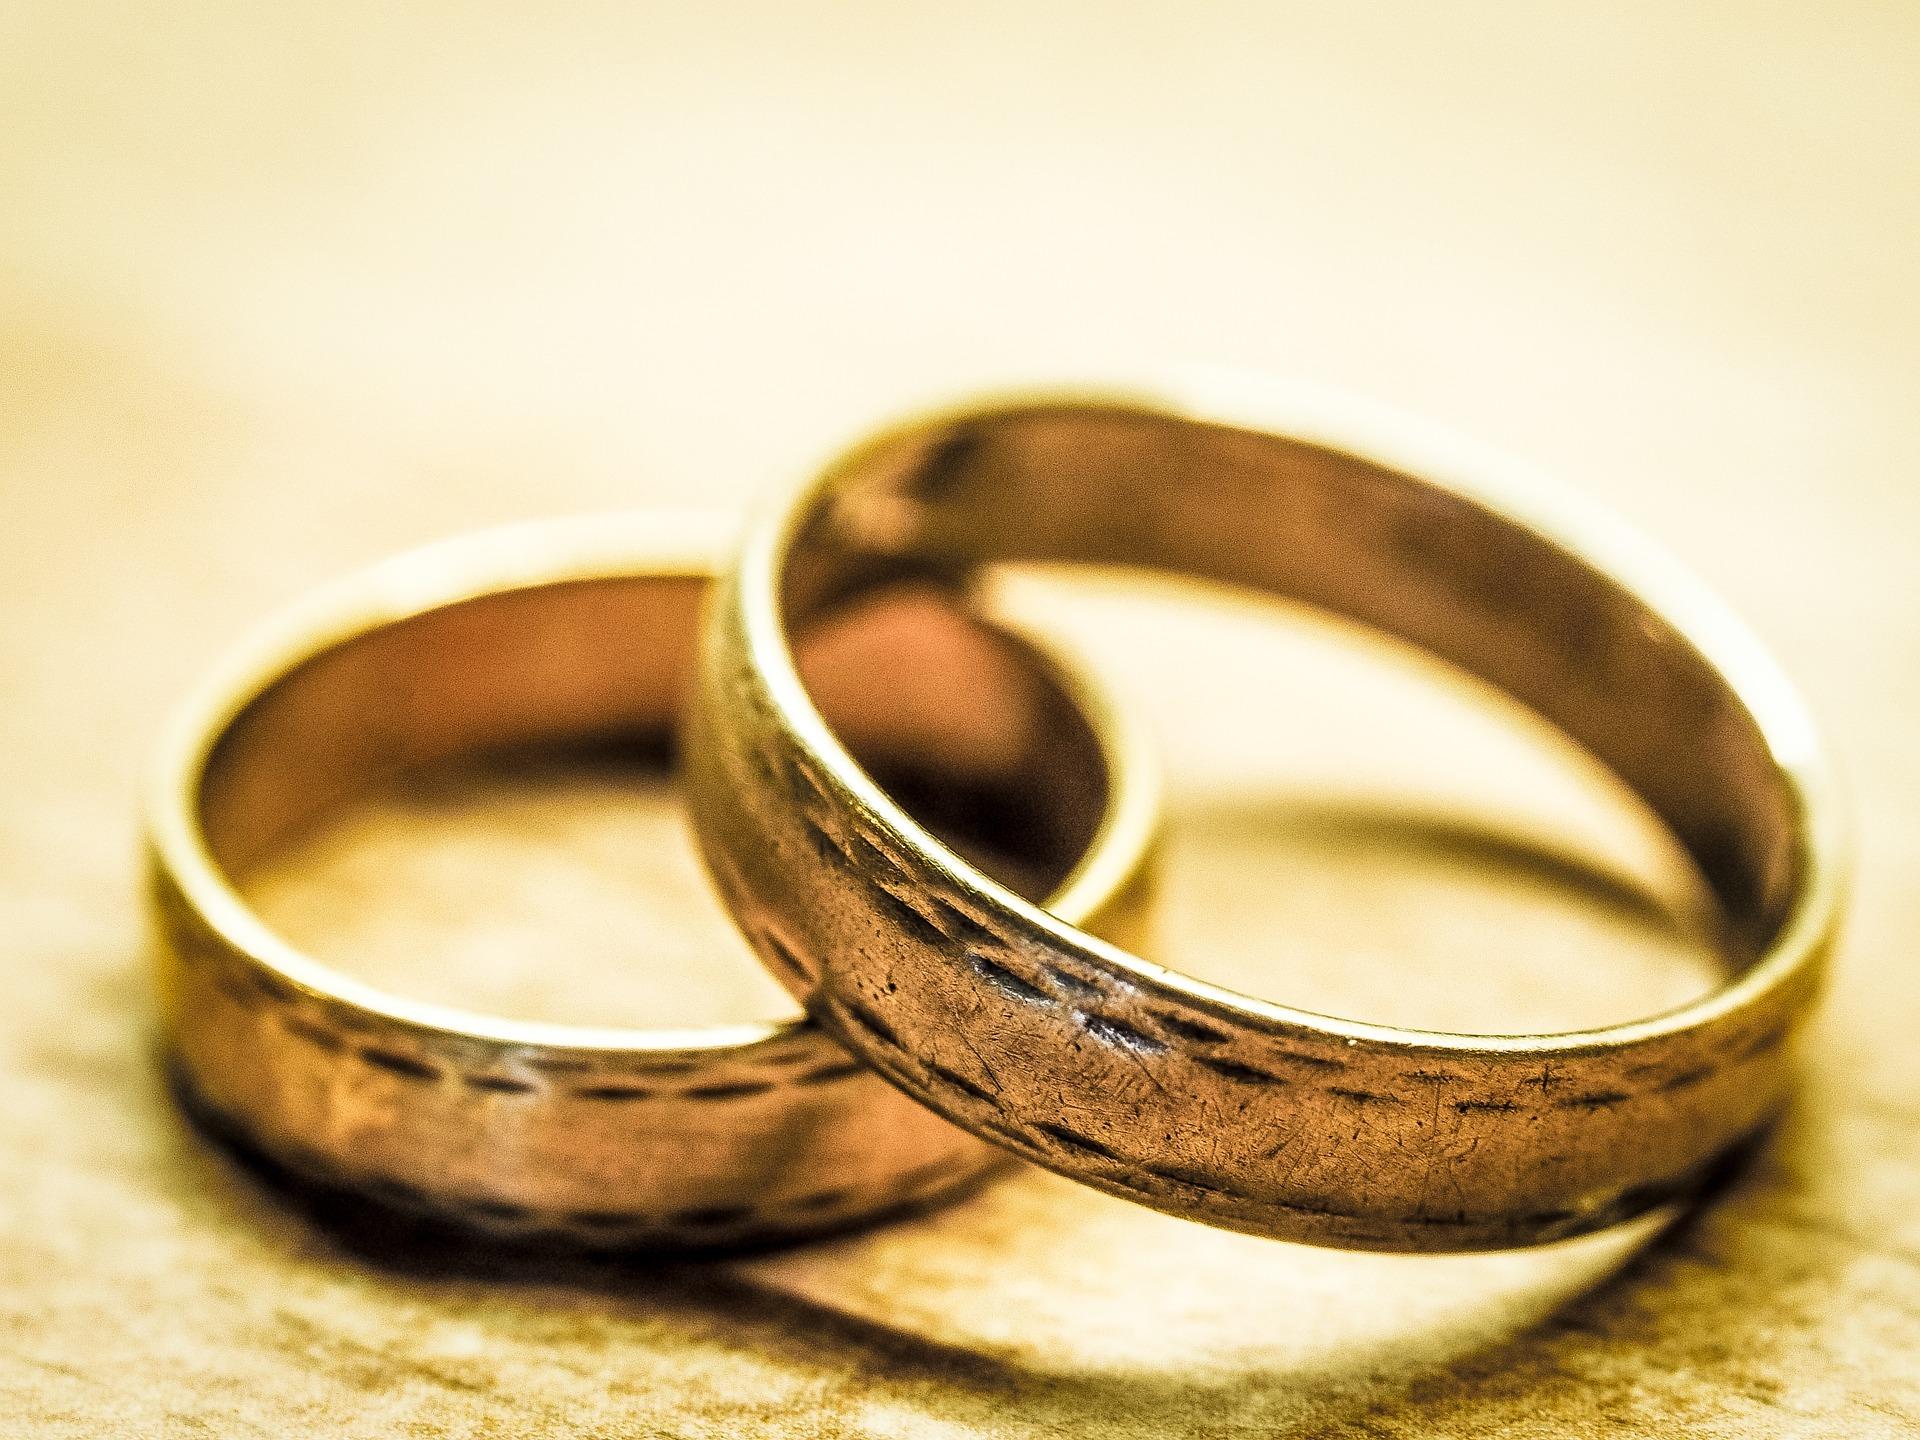 wedding-rings-949106_1920.jpg